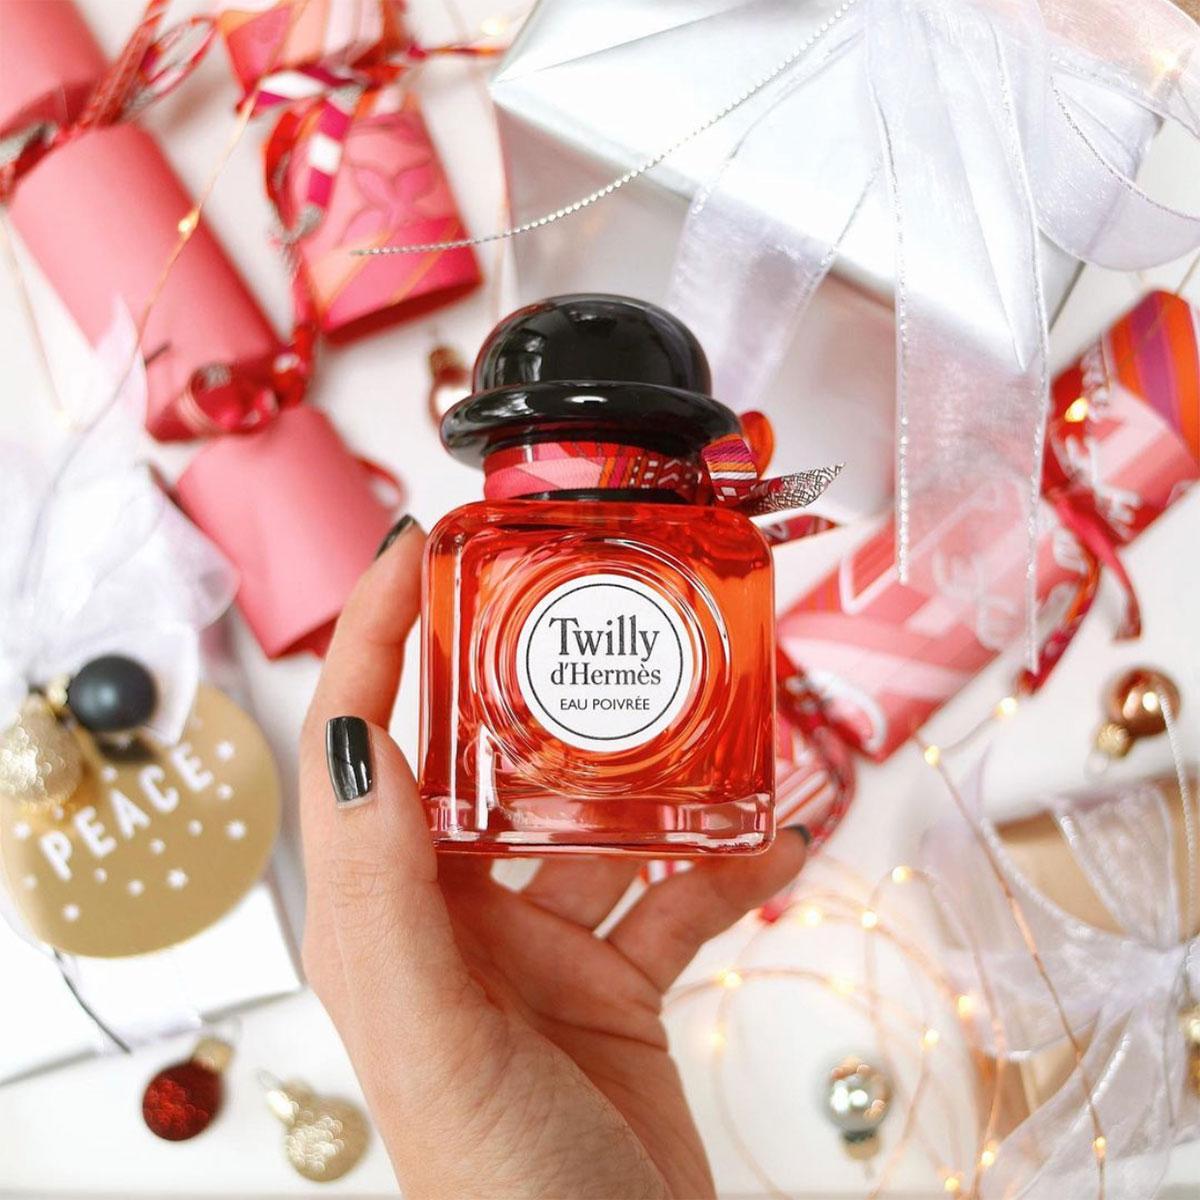 Nước hoa Twilly D'Hermès Eau Poivrée Eau de Parfum